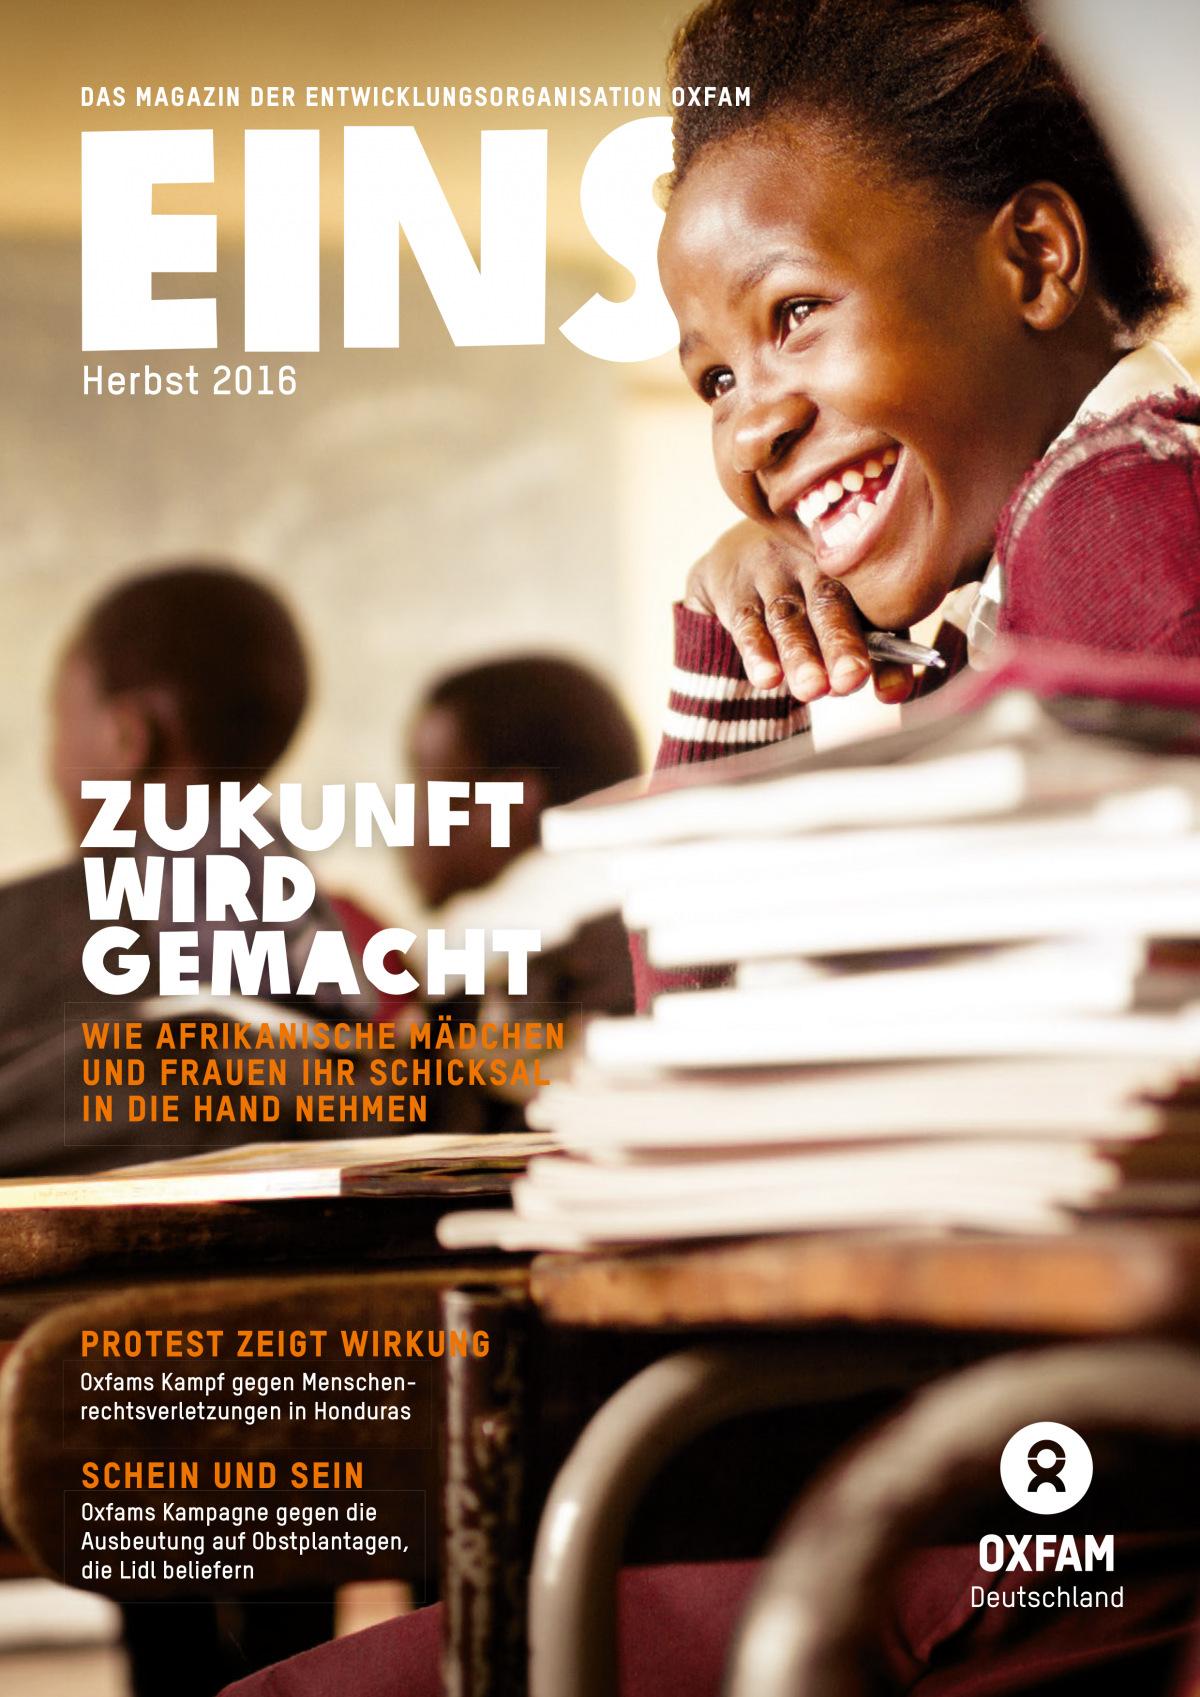 Titelbild vom Oxfam-Magazin EINS (Herbst 2016)